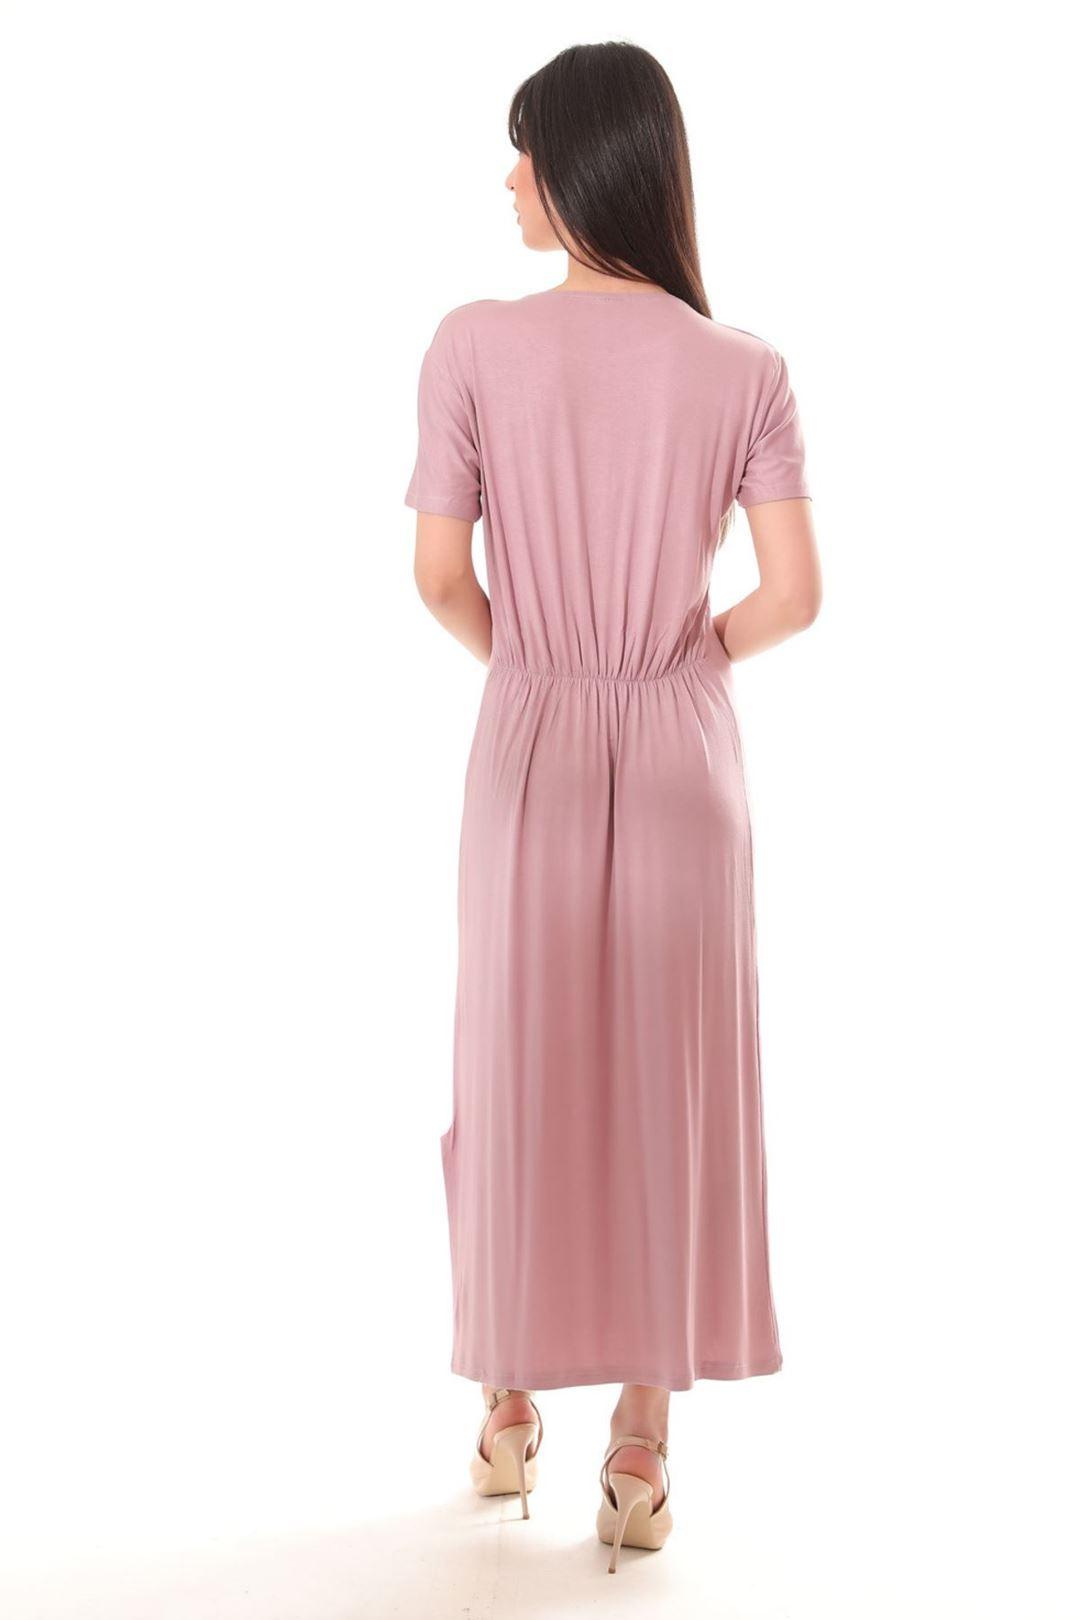 Love Baskılı Yanı Yırtmaçlı Elbise Gülkurusu